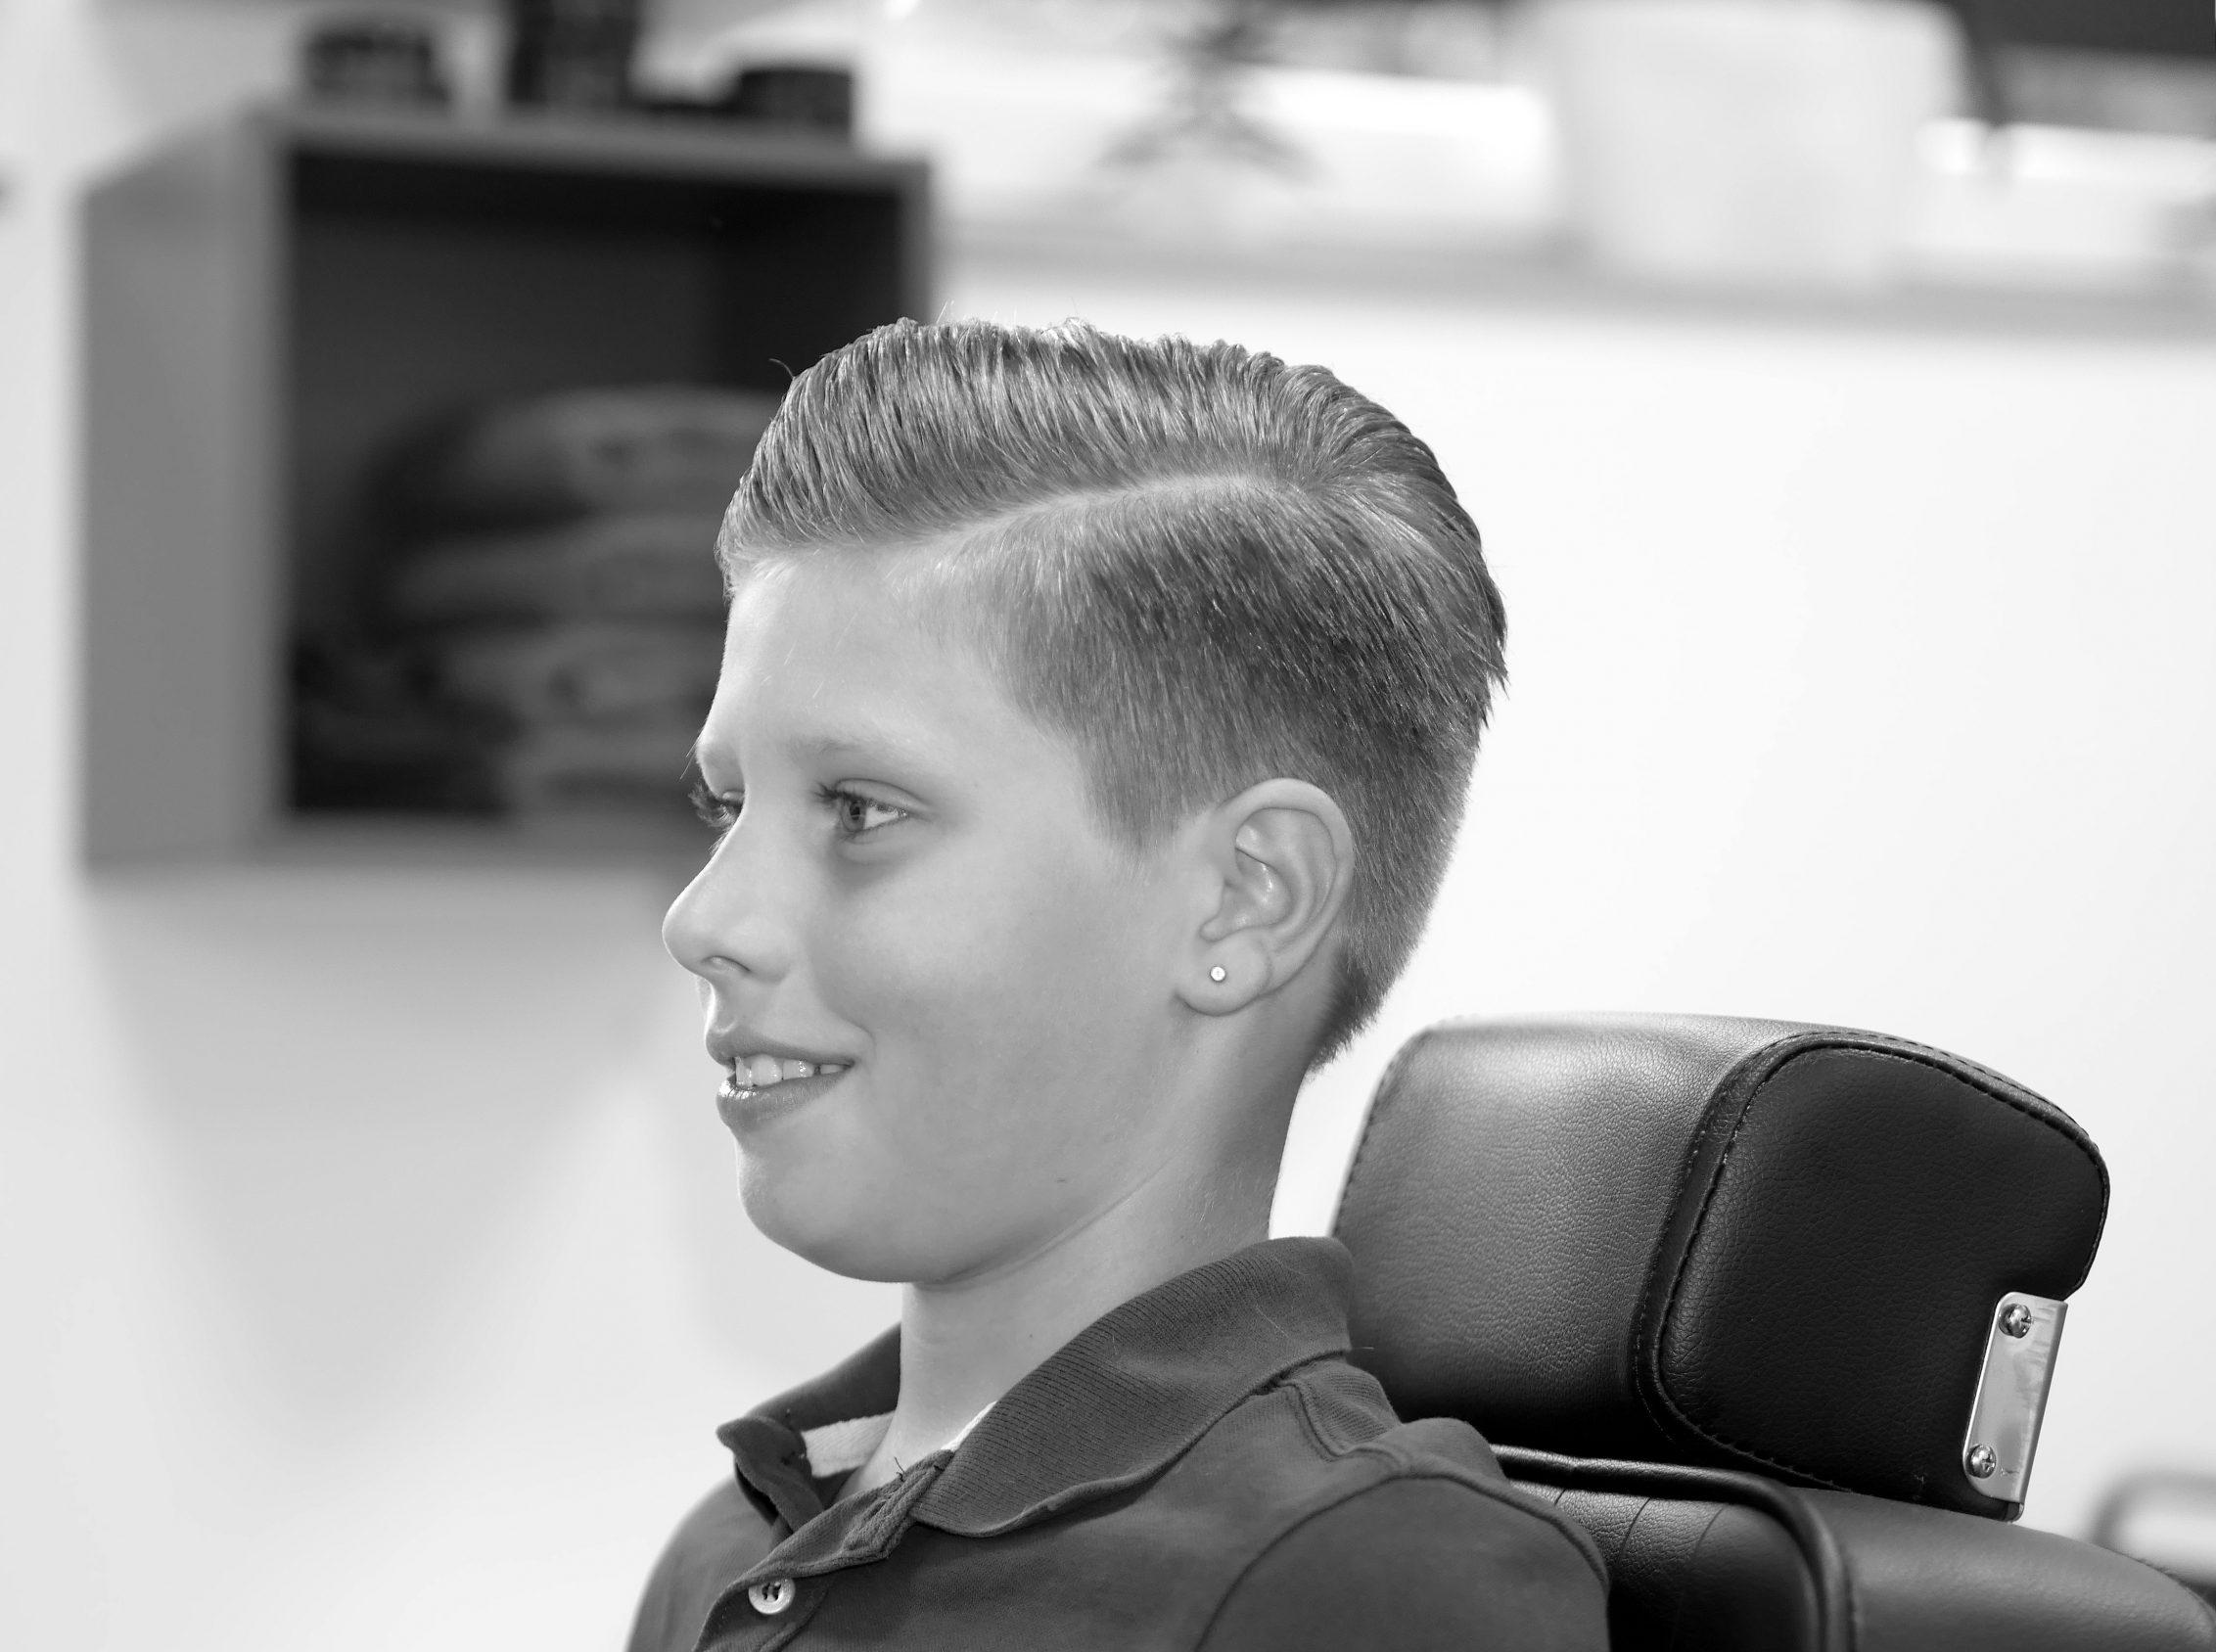 Der neue Haarschnitt im Profil.